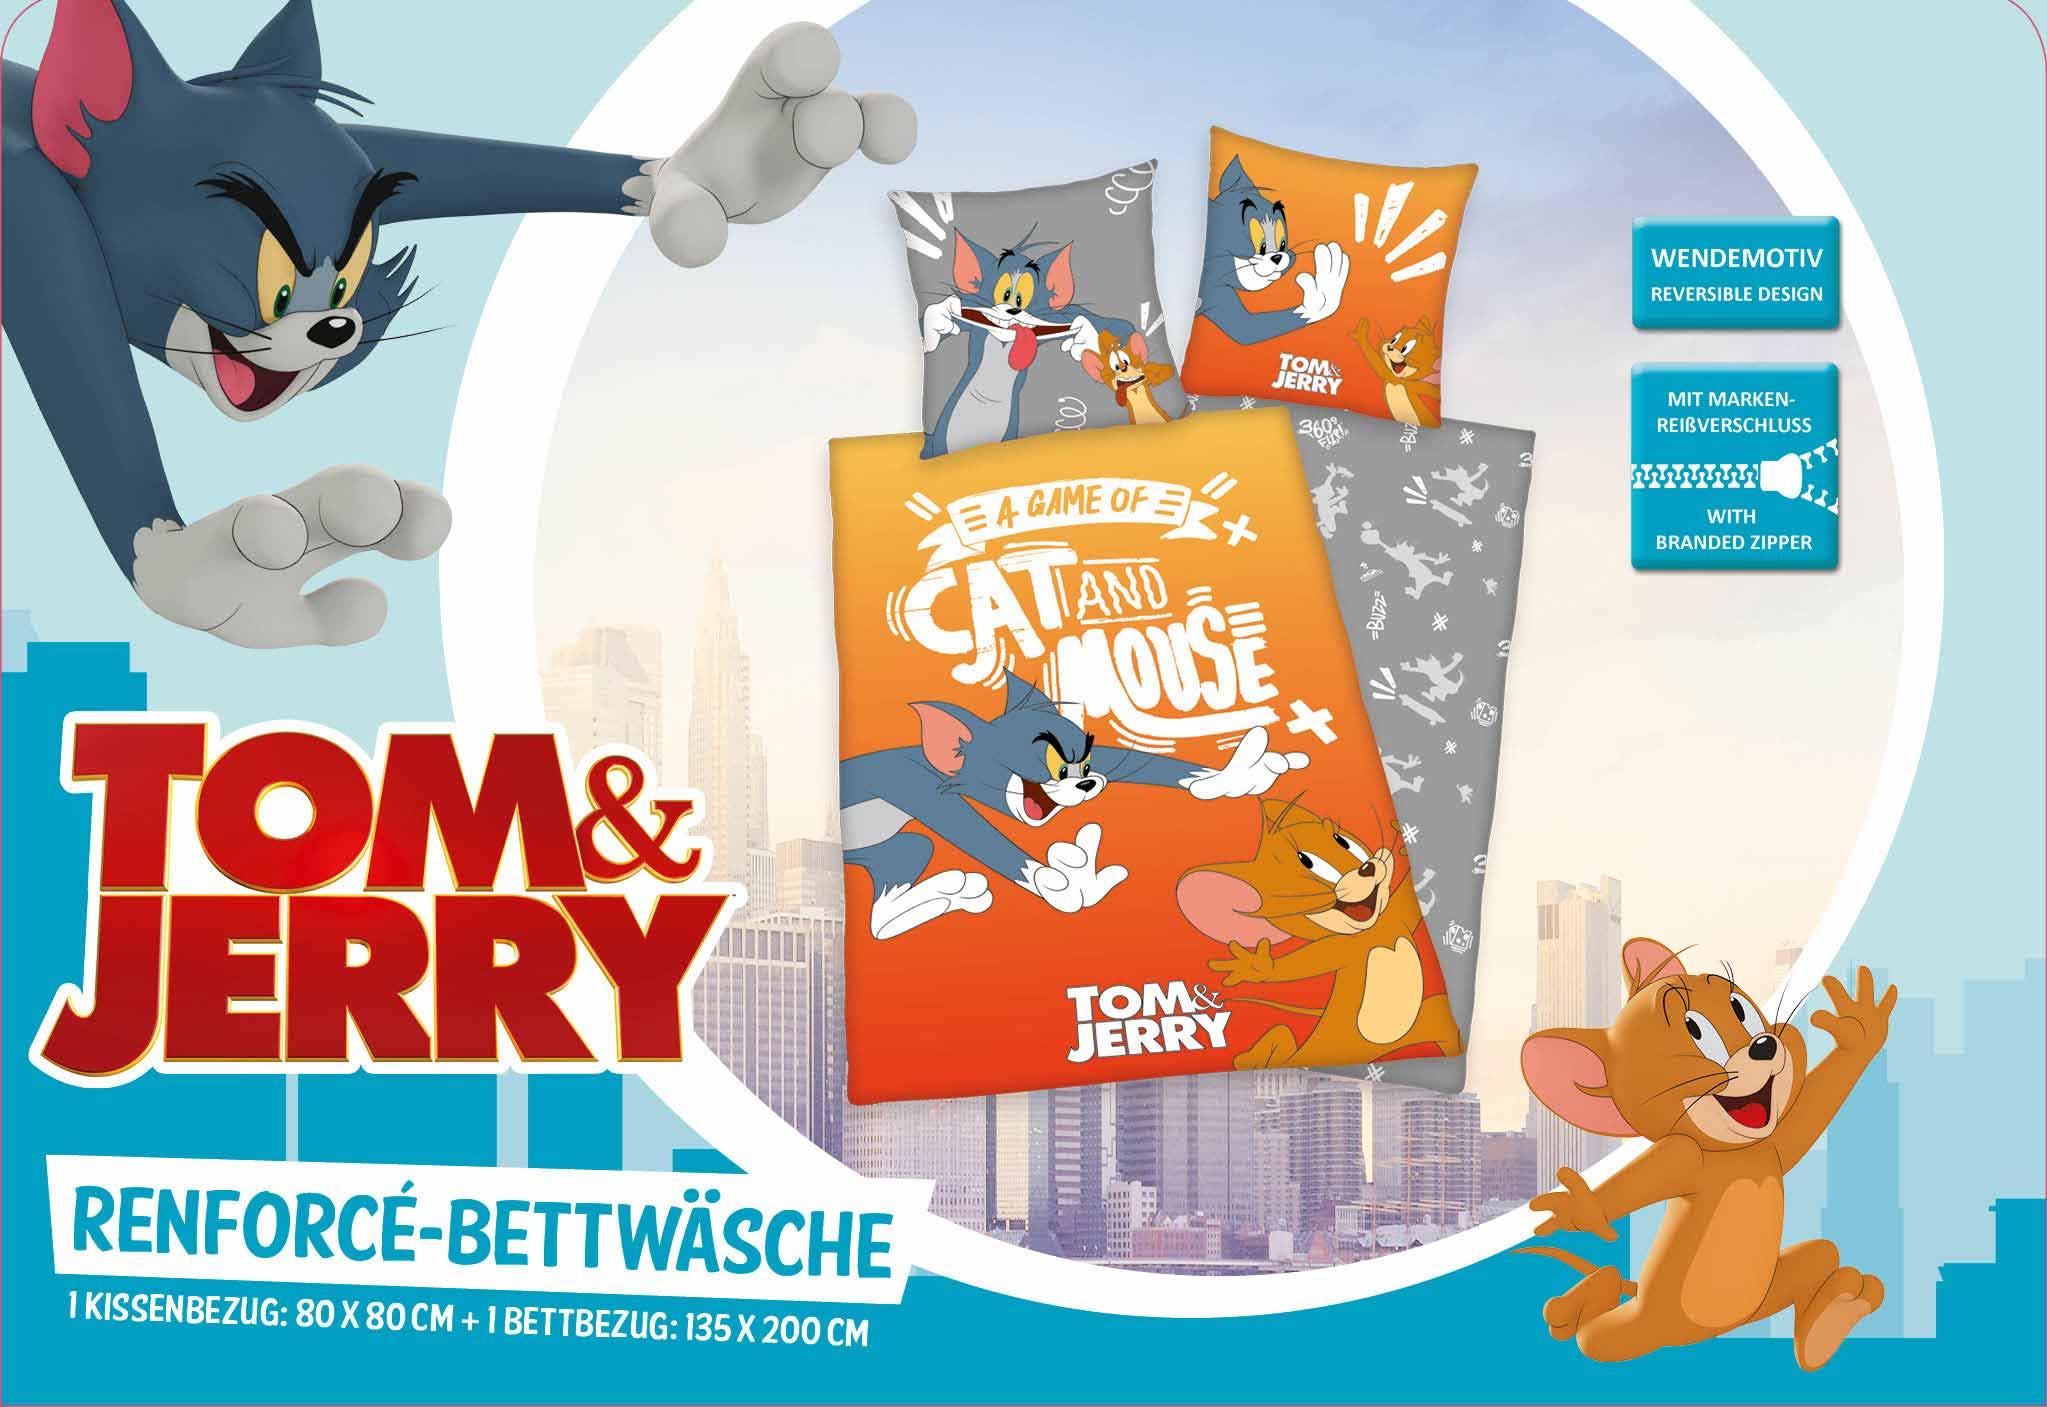 Produktbild Bettwäsche Tom & Jerry Orange Einleger Vorderseite